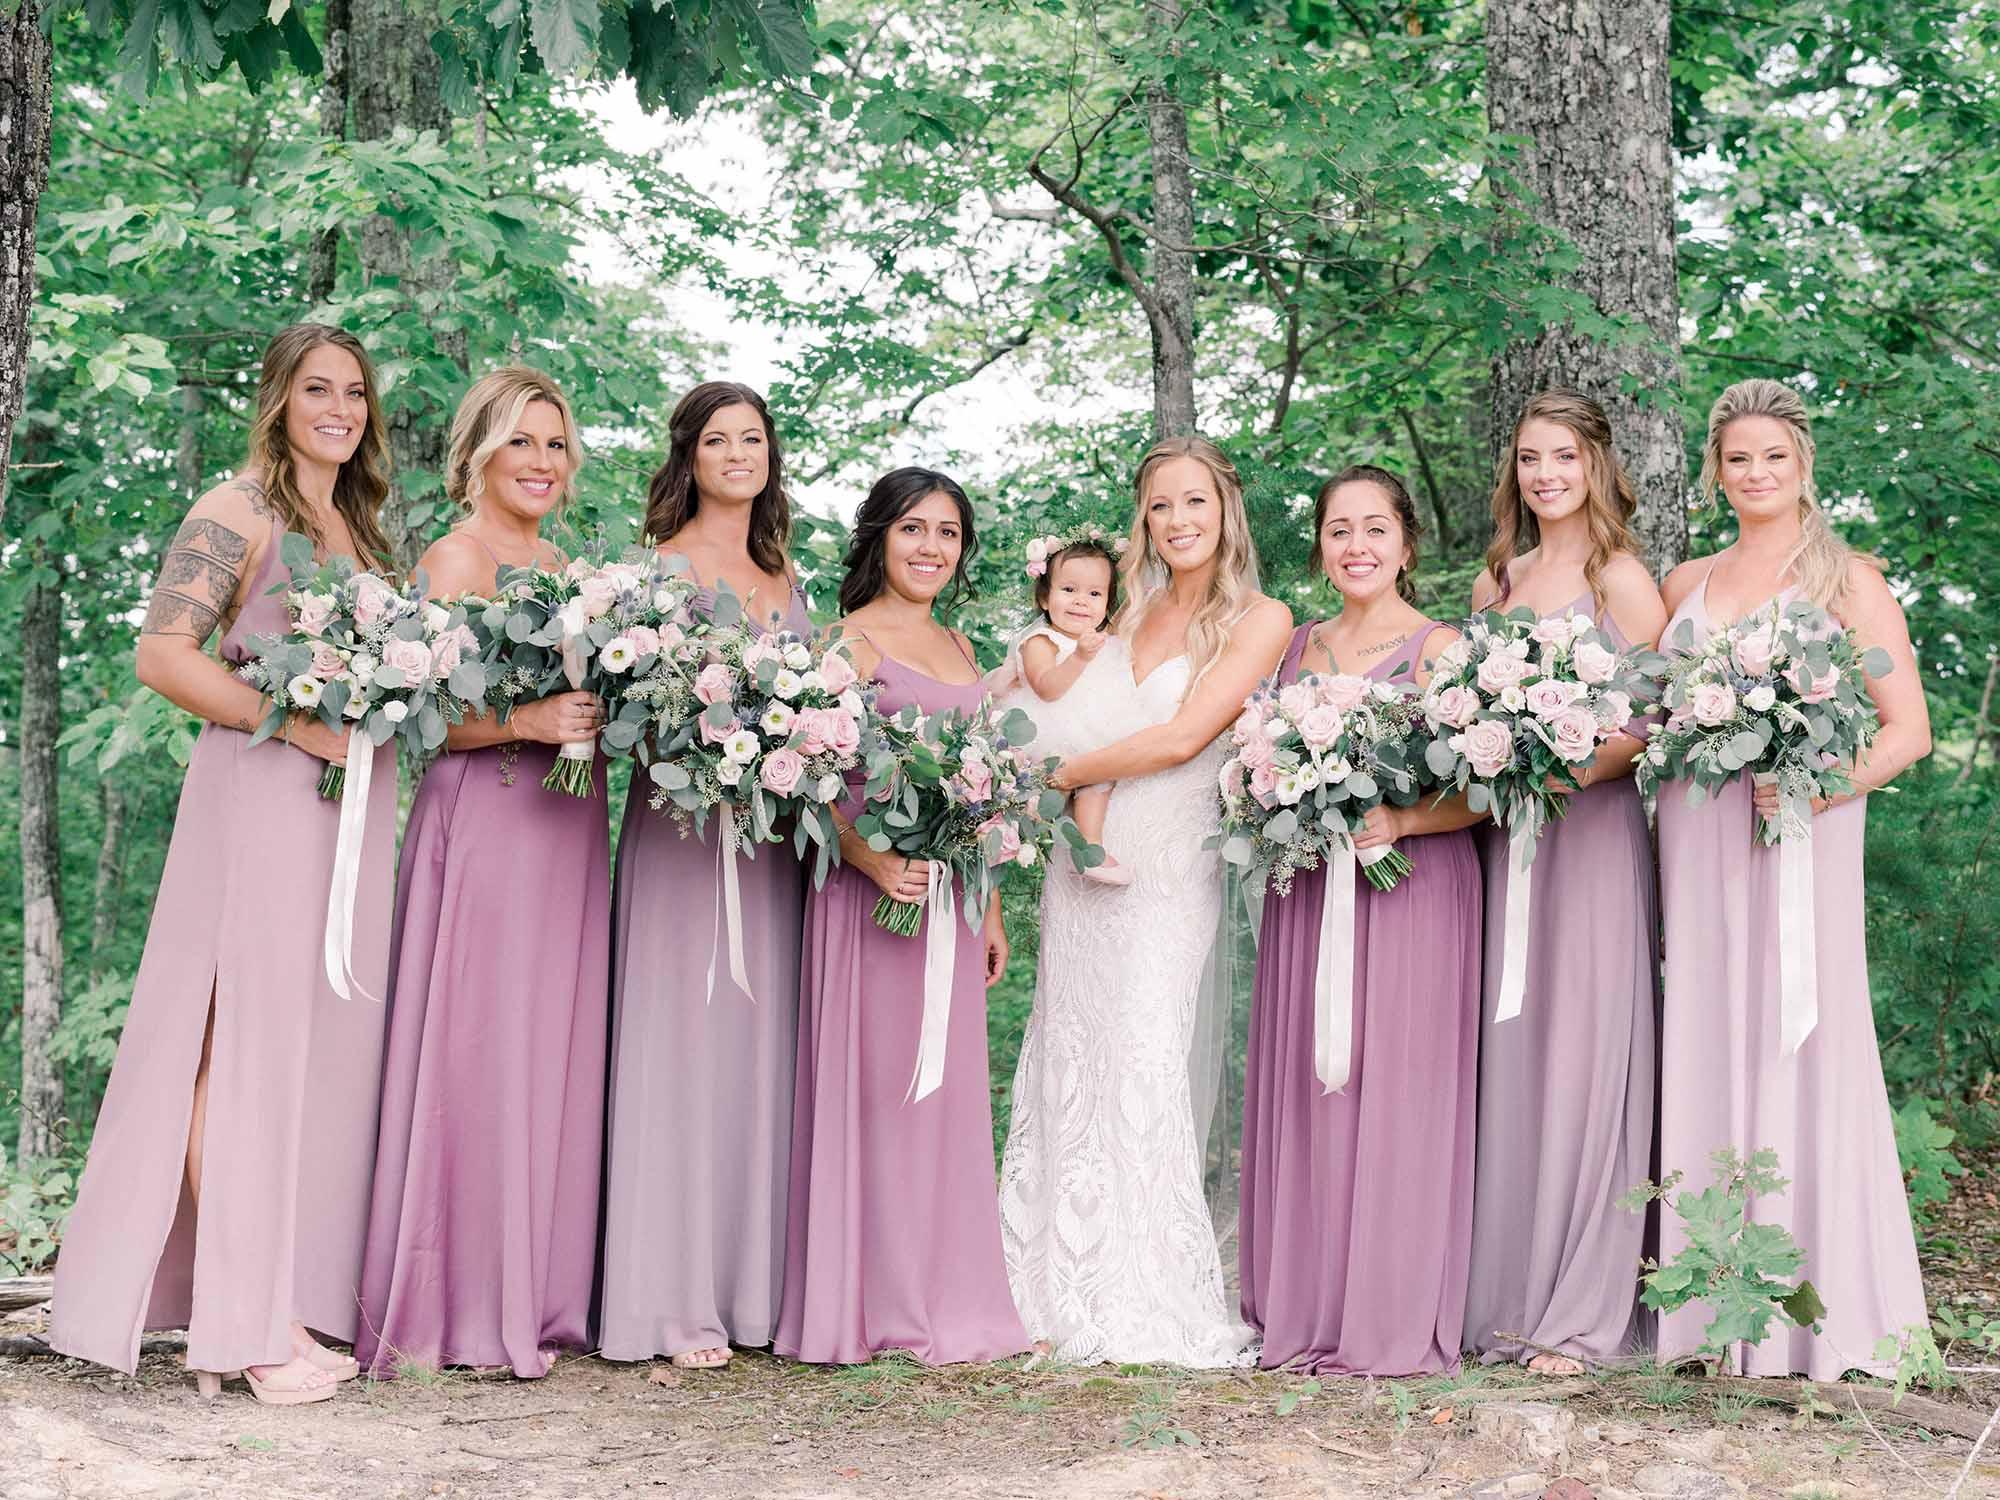 Top Photos with Bridesmaids